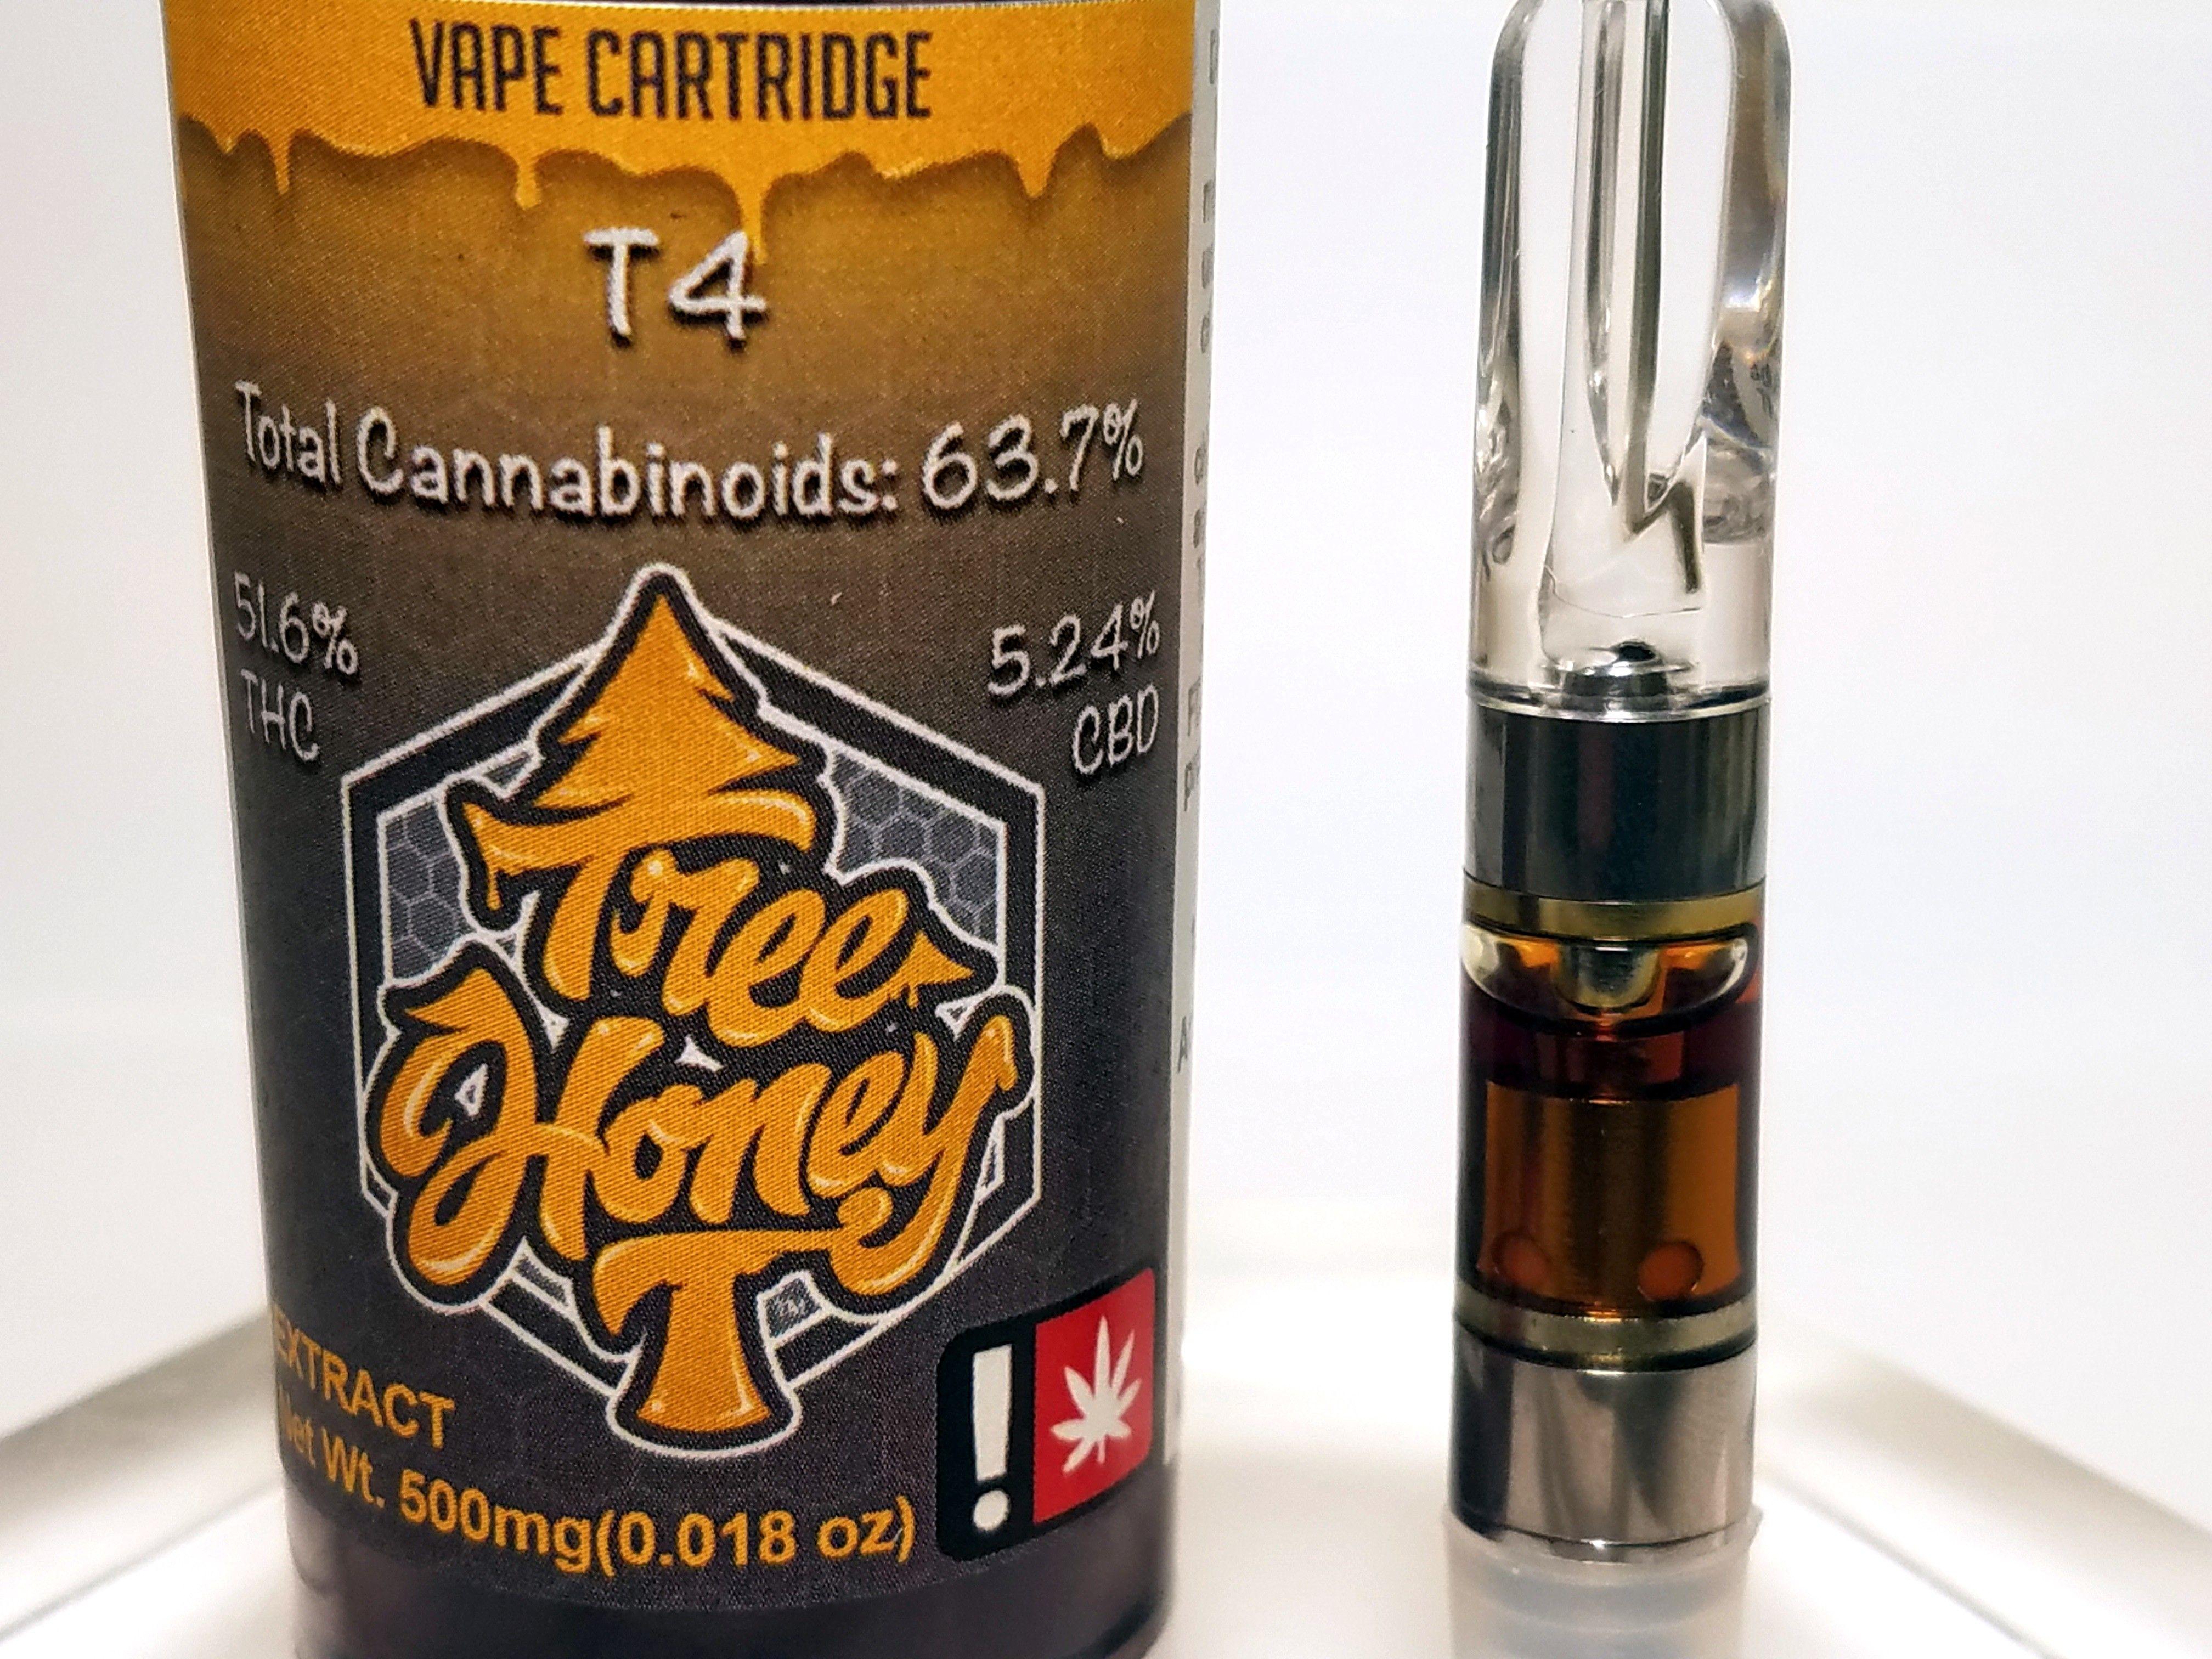 Tree Honey - T4, Sativa, CO2 Cart